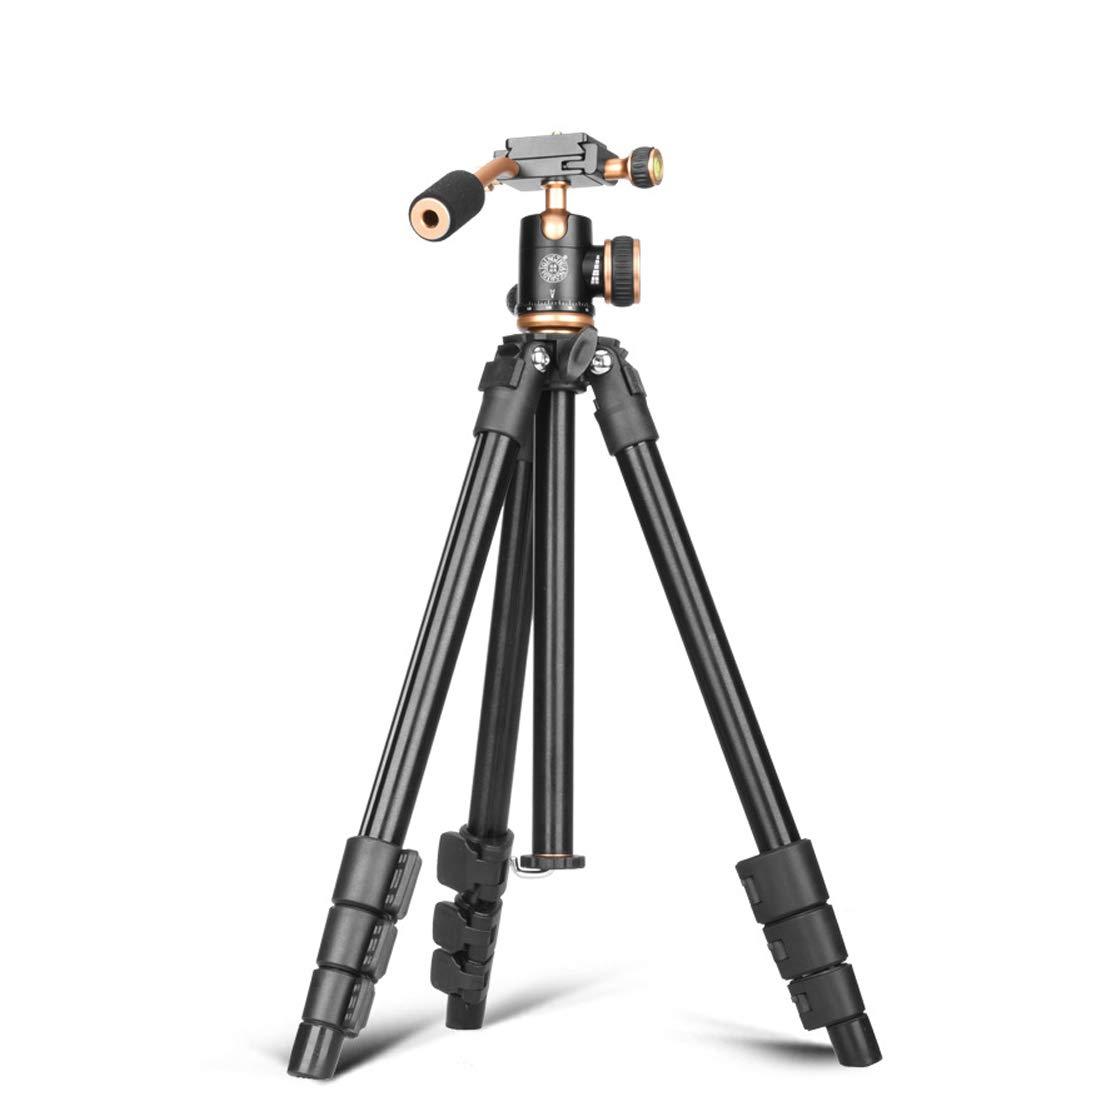 旅行 三脚 キヤノンソニーニコンなどのカメラ機器用カメラスタンド10126cm(推奨耐荷重35kgブラック)   B07R17T4FT